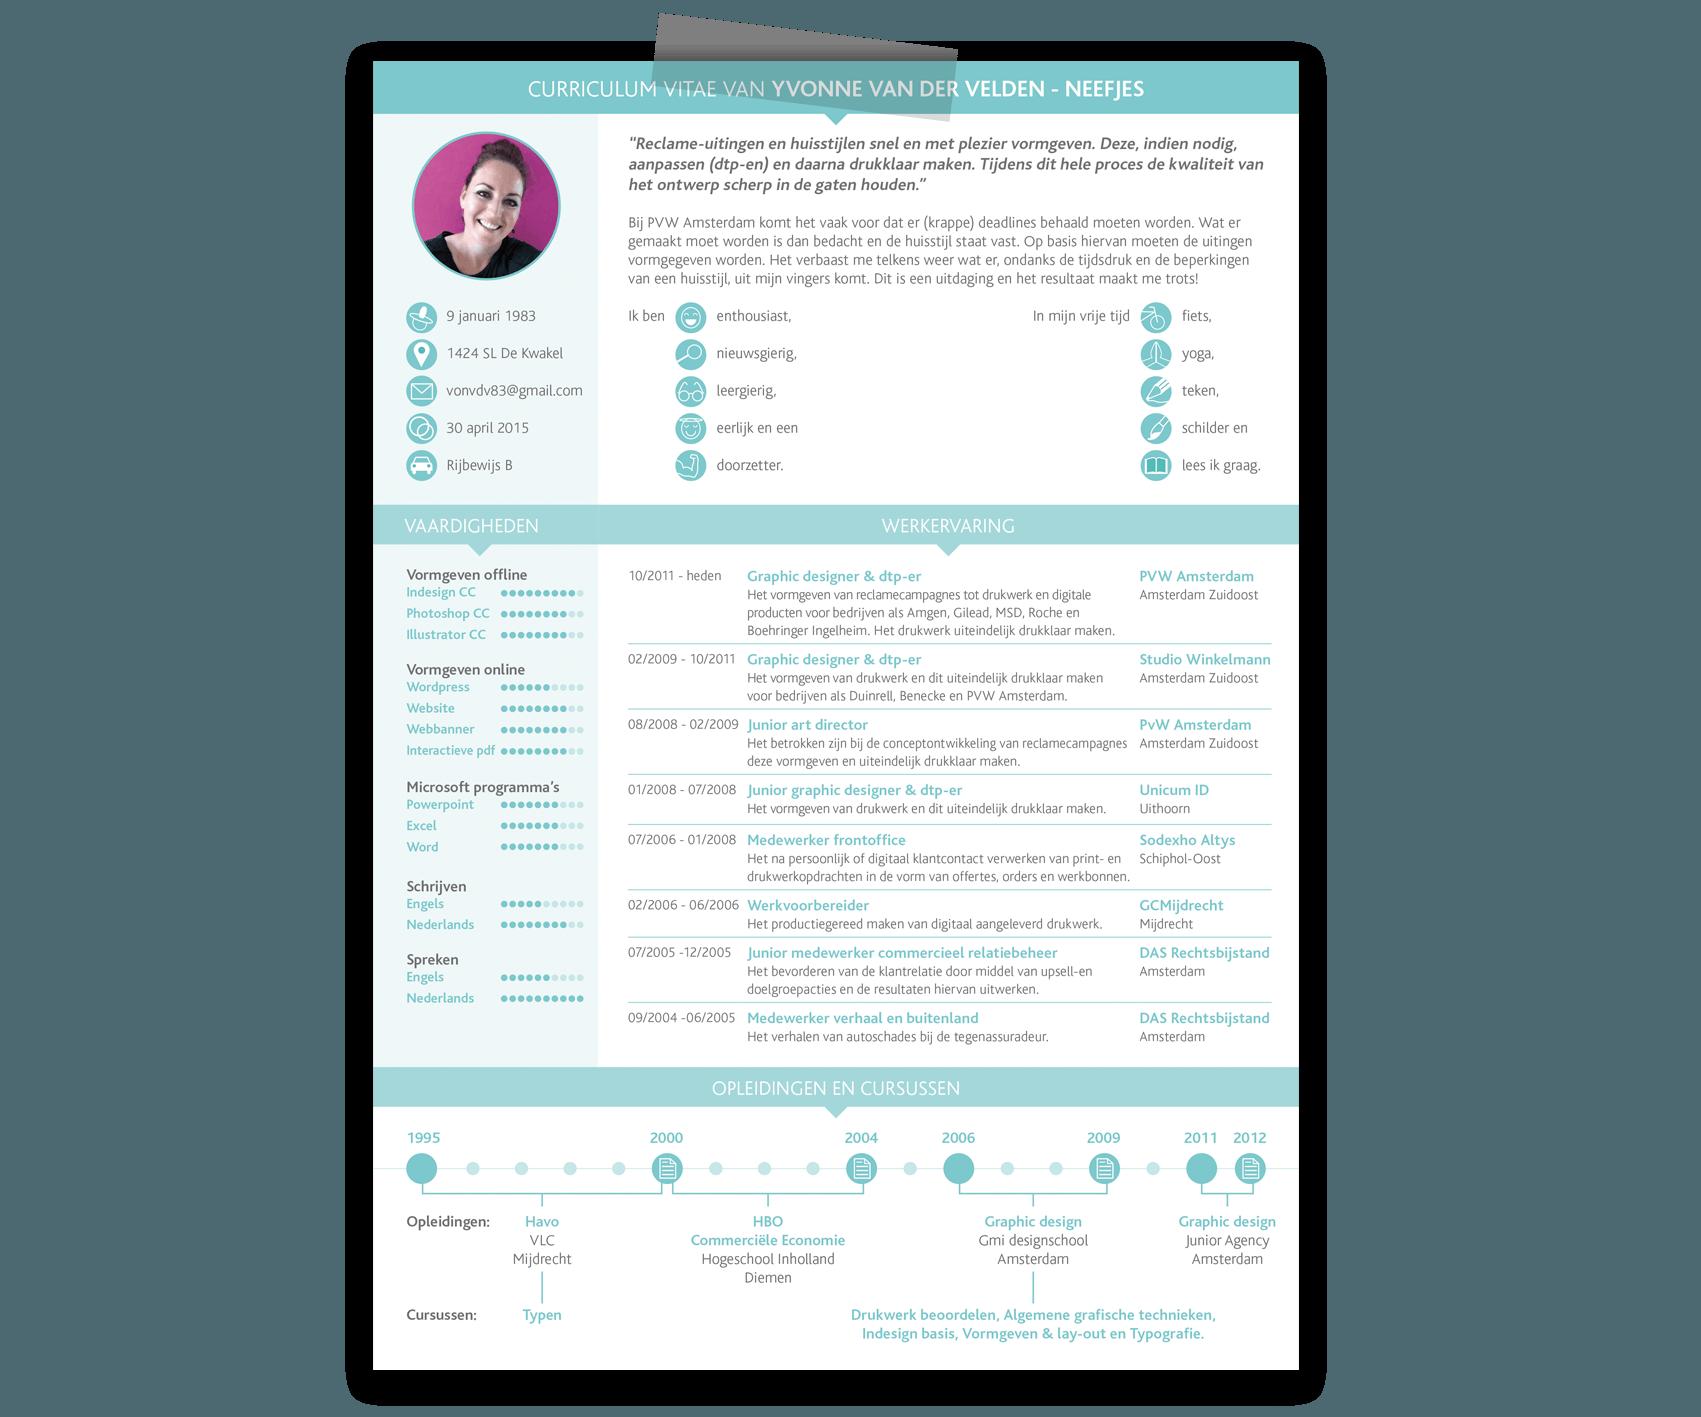 Curriculum Vitae van Yvonne van der Velden-Neefjes